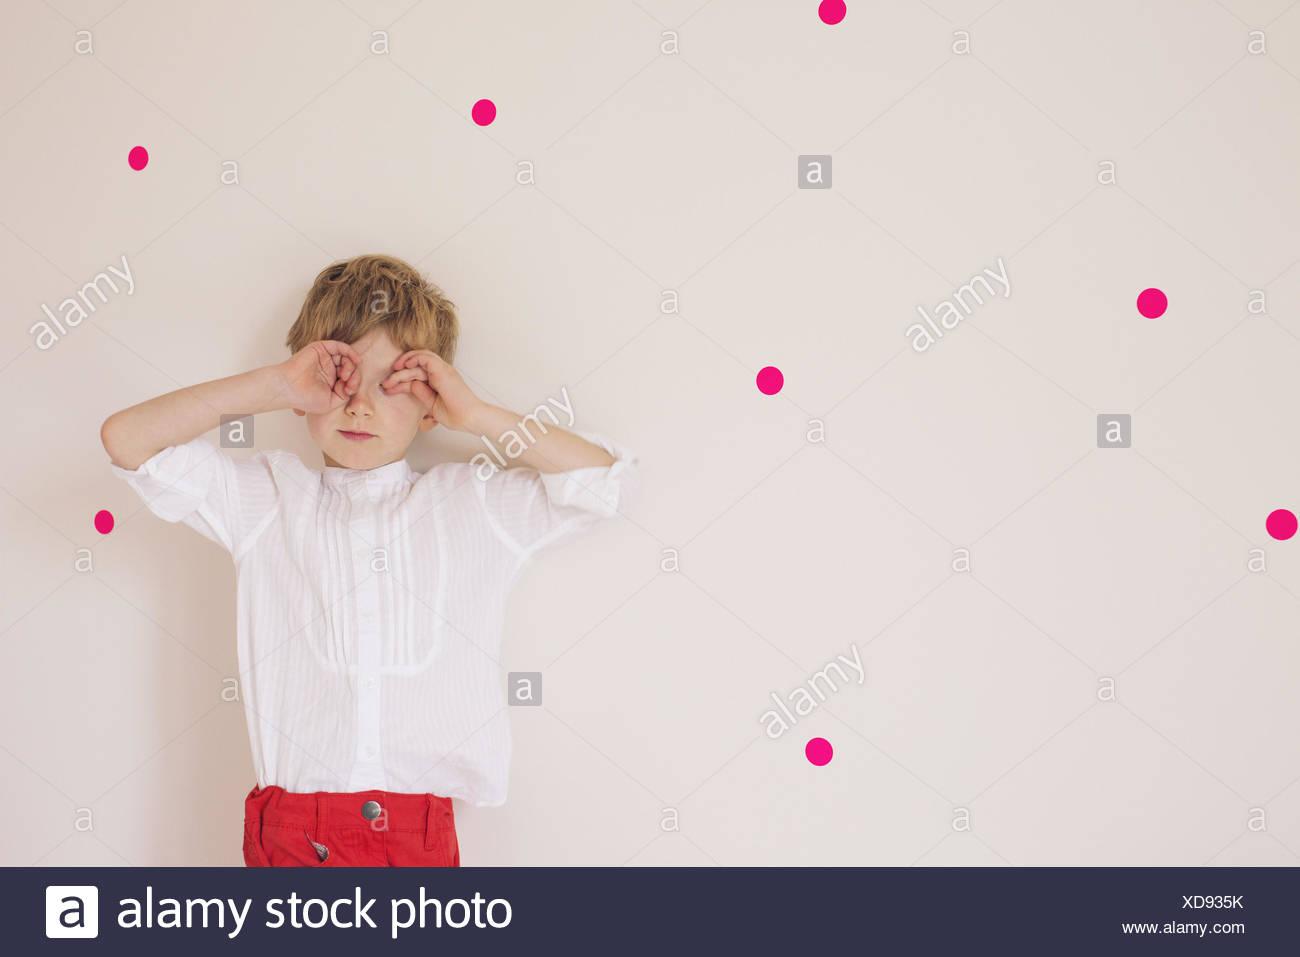 Little Boy che copre gli occhi con le mani, ritratto Immagini Stock